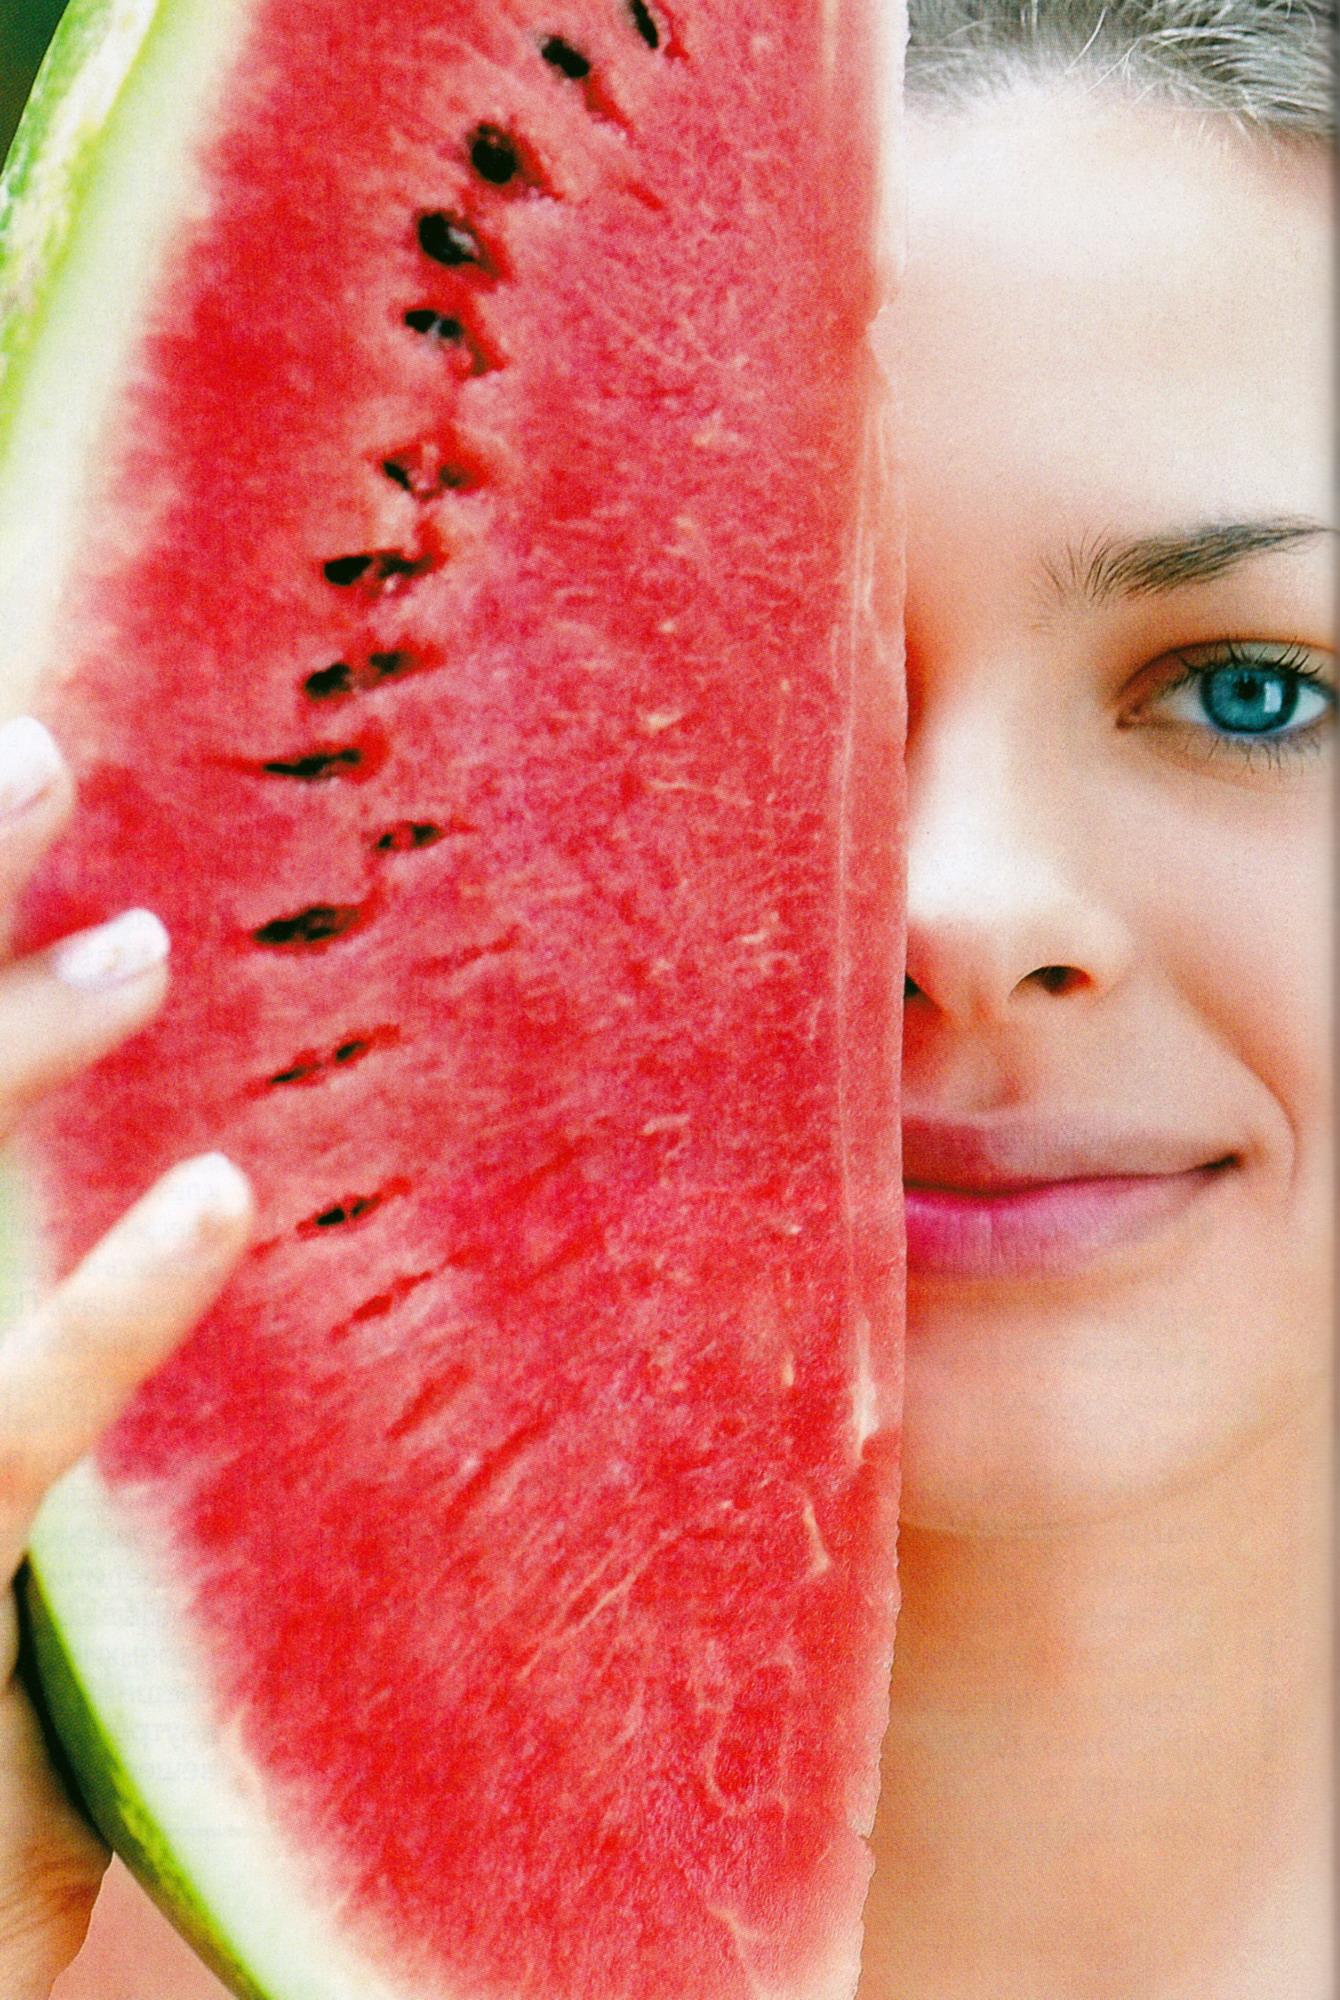 диета при повышенном уровне холестерина низкой плотности